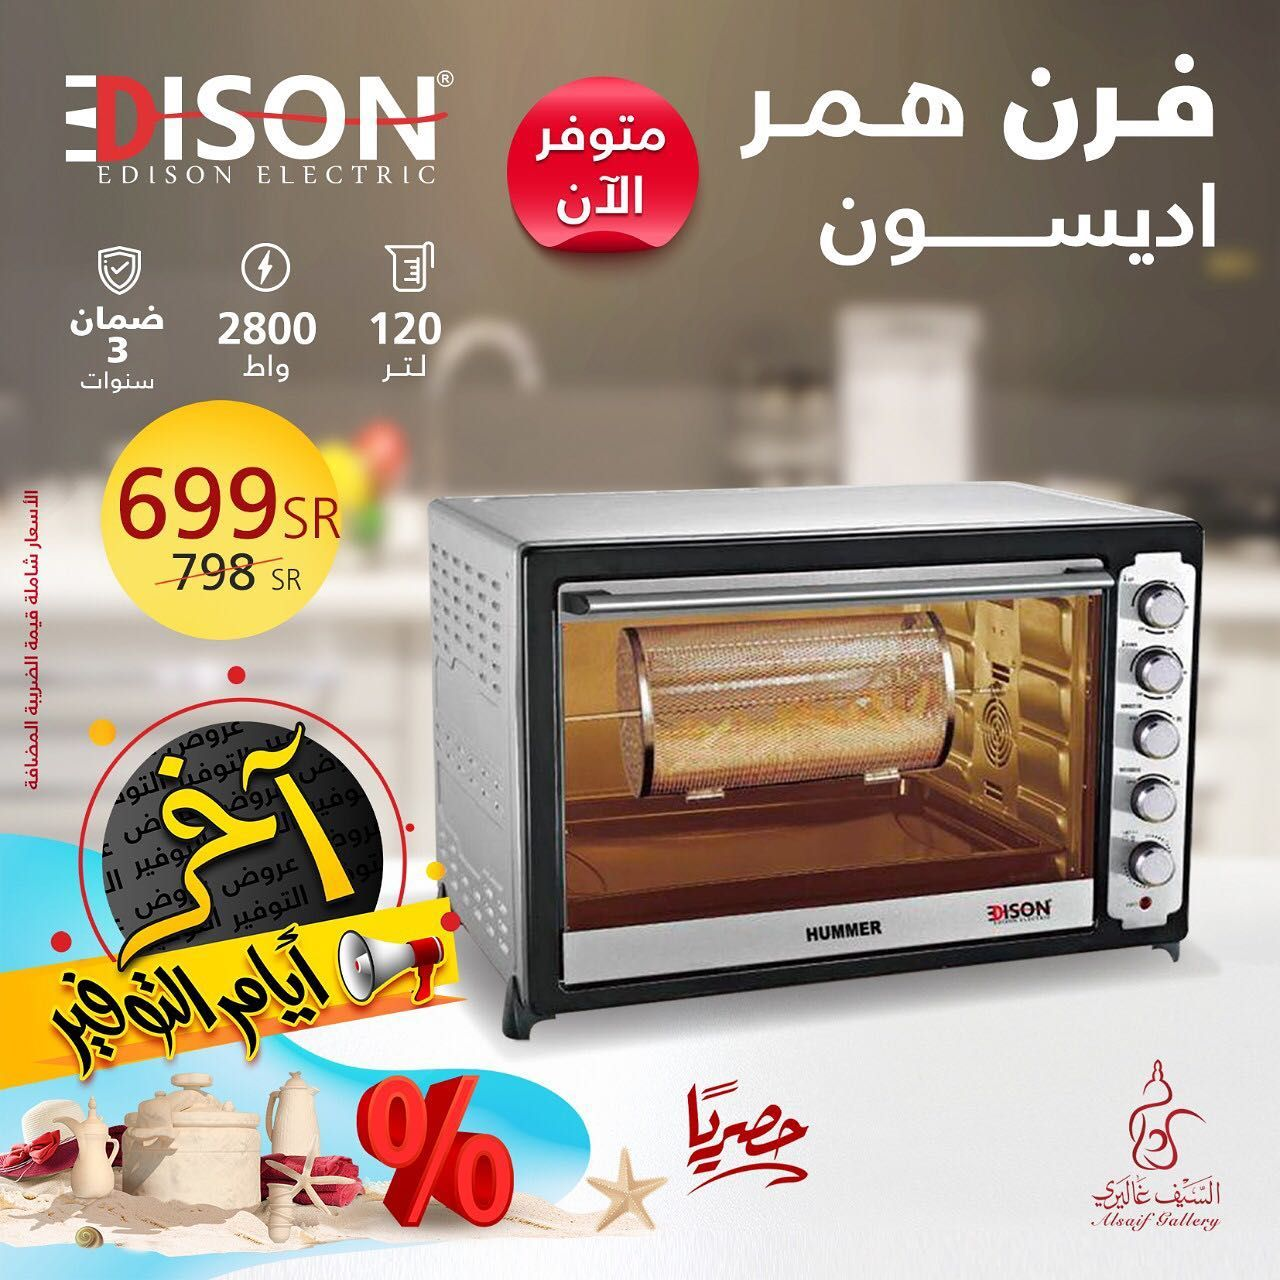 عروض السيف غاليري علي الاجهزة المنزلية اليوم 9 سبتمبر 2020 عروض اليوم Toaster Oven Hummer Kitchen Appliances